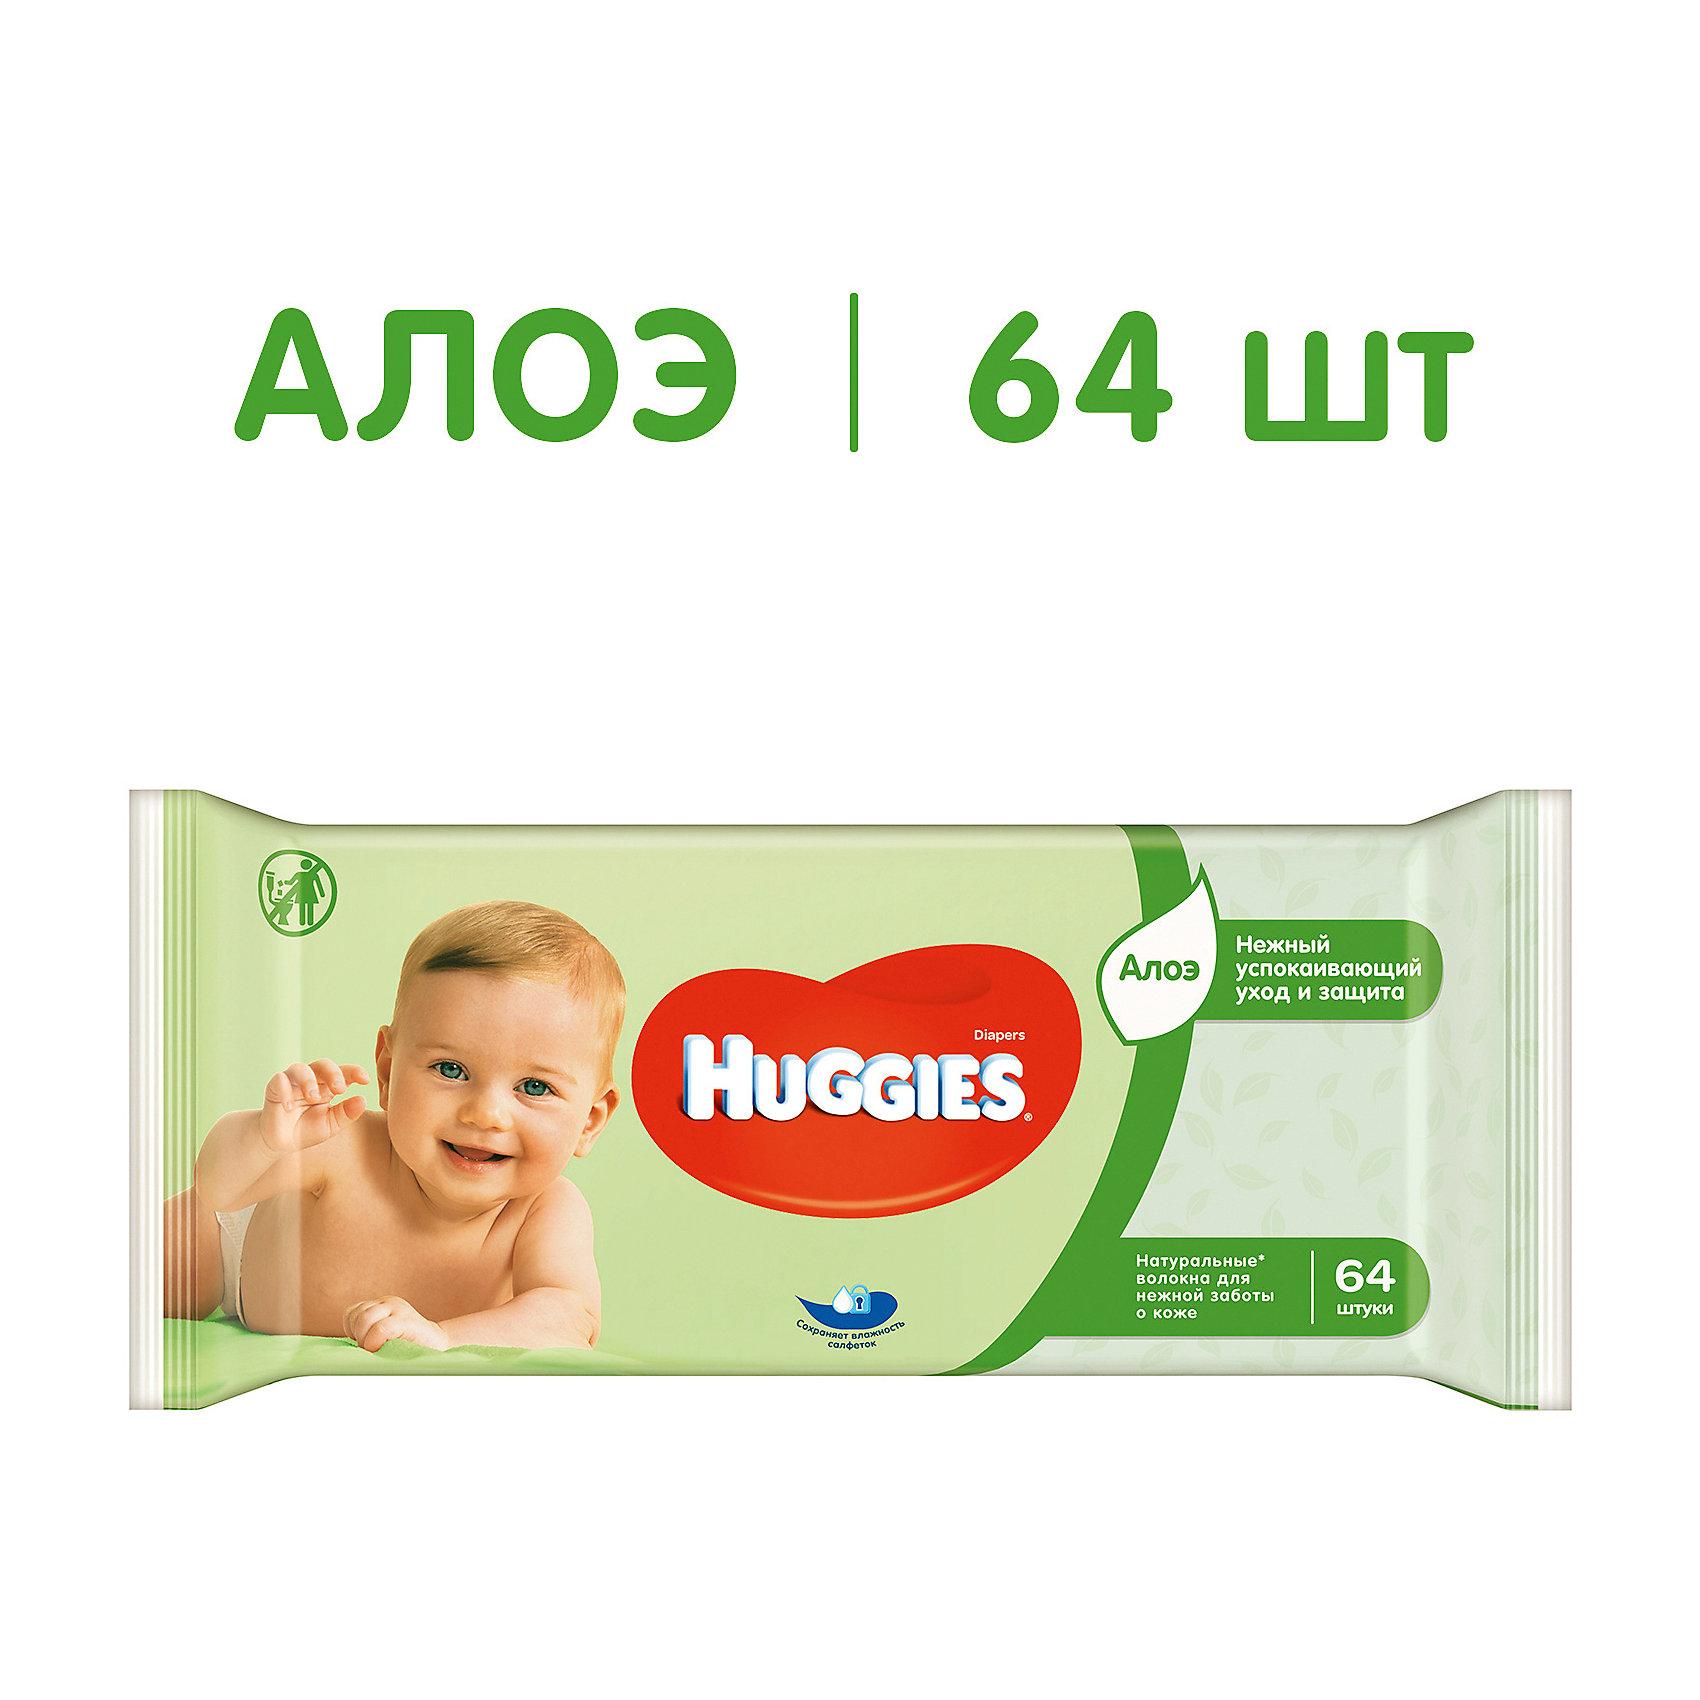 Детские влажные салфетки Huggies Ultra Comfort c Алоэ, 64 шт.Влажные салфетки<br>Мягкие салфетки HUGGIES® Ultra Comfort помогут Вам с легкостью очистить кожу ребенка в любых условиях.<br><br>Салфетки пропитаны чистейшей водой и не оставляют липких следов на коже малыша.<br>Салфетки HUGGIES® Ultra Comfort пышные и прочные, но при этом очень нежные.<br>Пропитка pH сбалансирована и не содержит спирта.<br>Благодаря уникальной многослойной текстуре, салфетки HUGGIES® Ultra Comfort прекрасно впитывают загрязнения.<br><br>В большинстве случаев достаточно одной влажной салфетки, чтобы кожа малыша снова стала чистой.<br><br>Дополнительная информация:<br><br>- Салфетки с экстрактом алоэ.<br>- В упаковке: 64 шт.<br><br>Детские влажные салфетки Huggies Ultra Comfort c Алоэ, 64 шт. можно купить в нашем интернет-магазине.<br><br>ВНИМАНИЕ!!! Товар представлен в различных дизайнах упаковки, при этом качество самого товара не отличается. К сожалению, заранее выбрать определенный вариант  нельзя.<br><br>Ширина мм: 190<br>Глубина мм: 95<br>Высота мм: 56<br>Вес г: 471<br>Возраст от месяцев: 0<br>Возраст до месяцев: 84<br>Пол: Унисекс<br>Возраст: Детский<br>SKU: 3361312